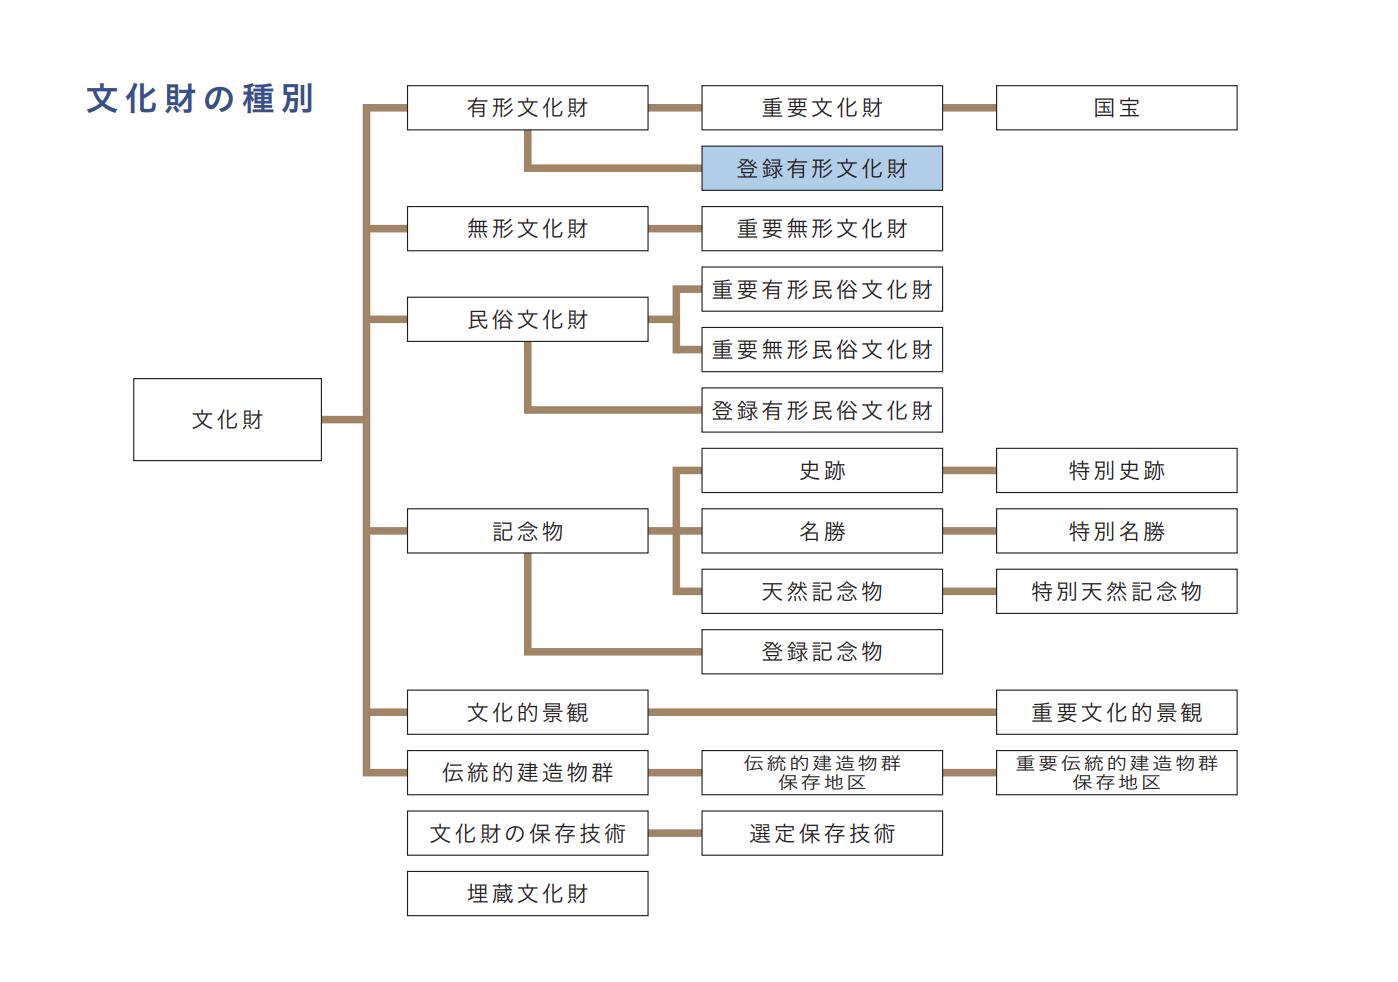 【文化庁】登録有形文化財、新たに132件|兵庫県からは17件